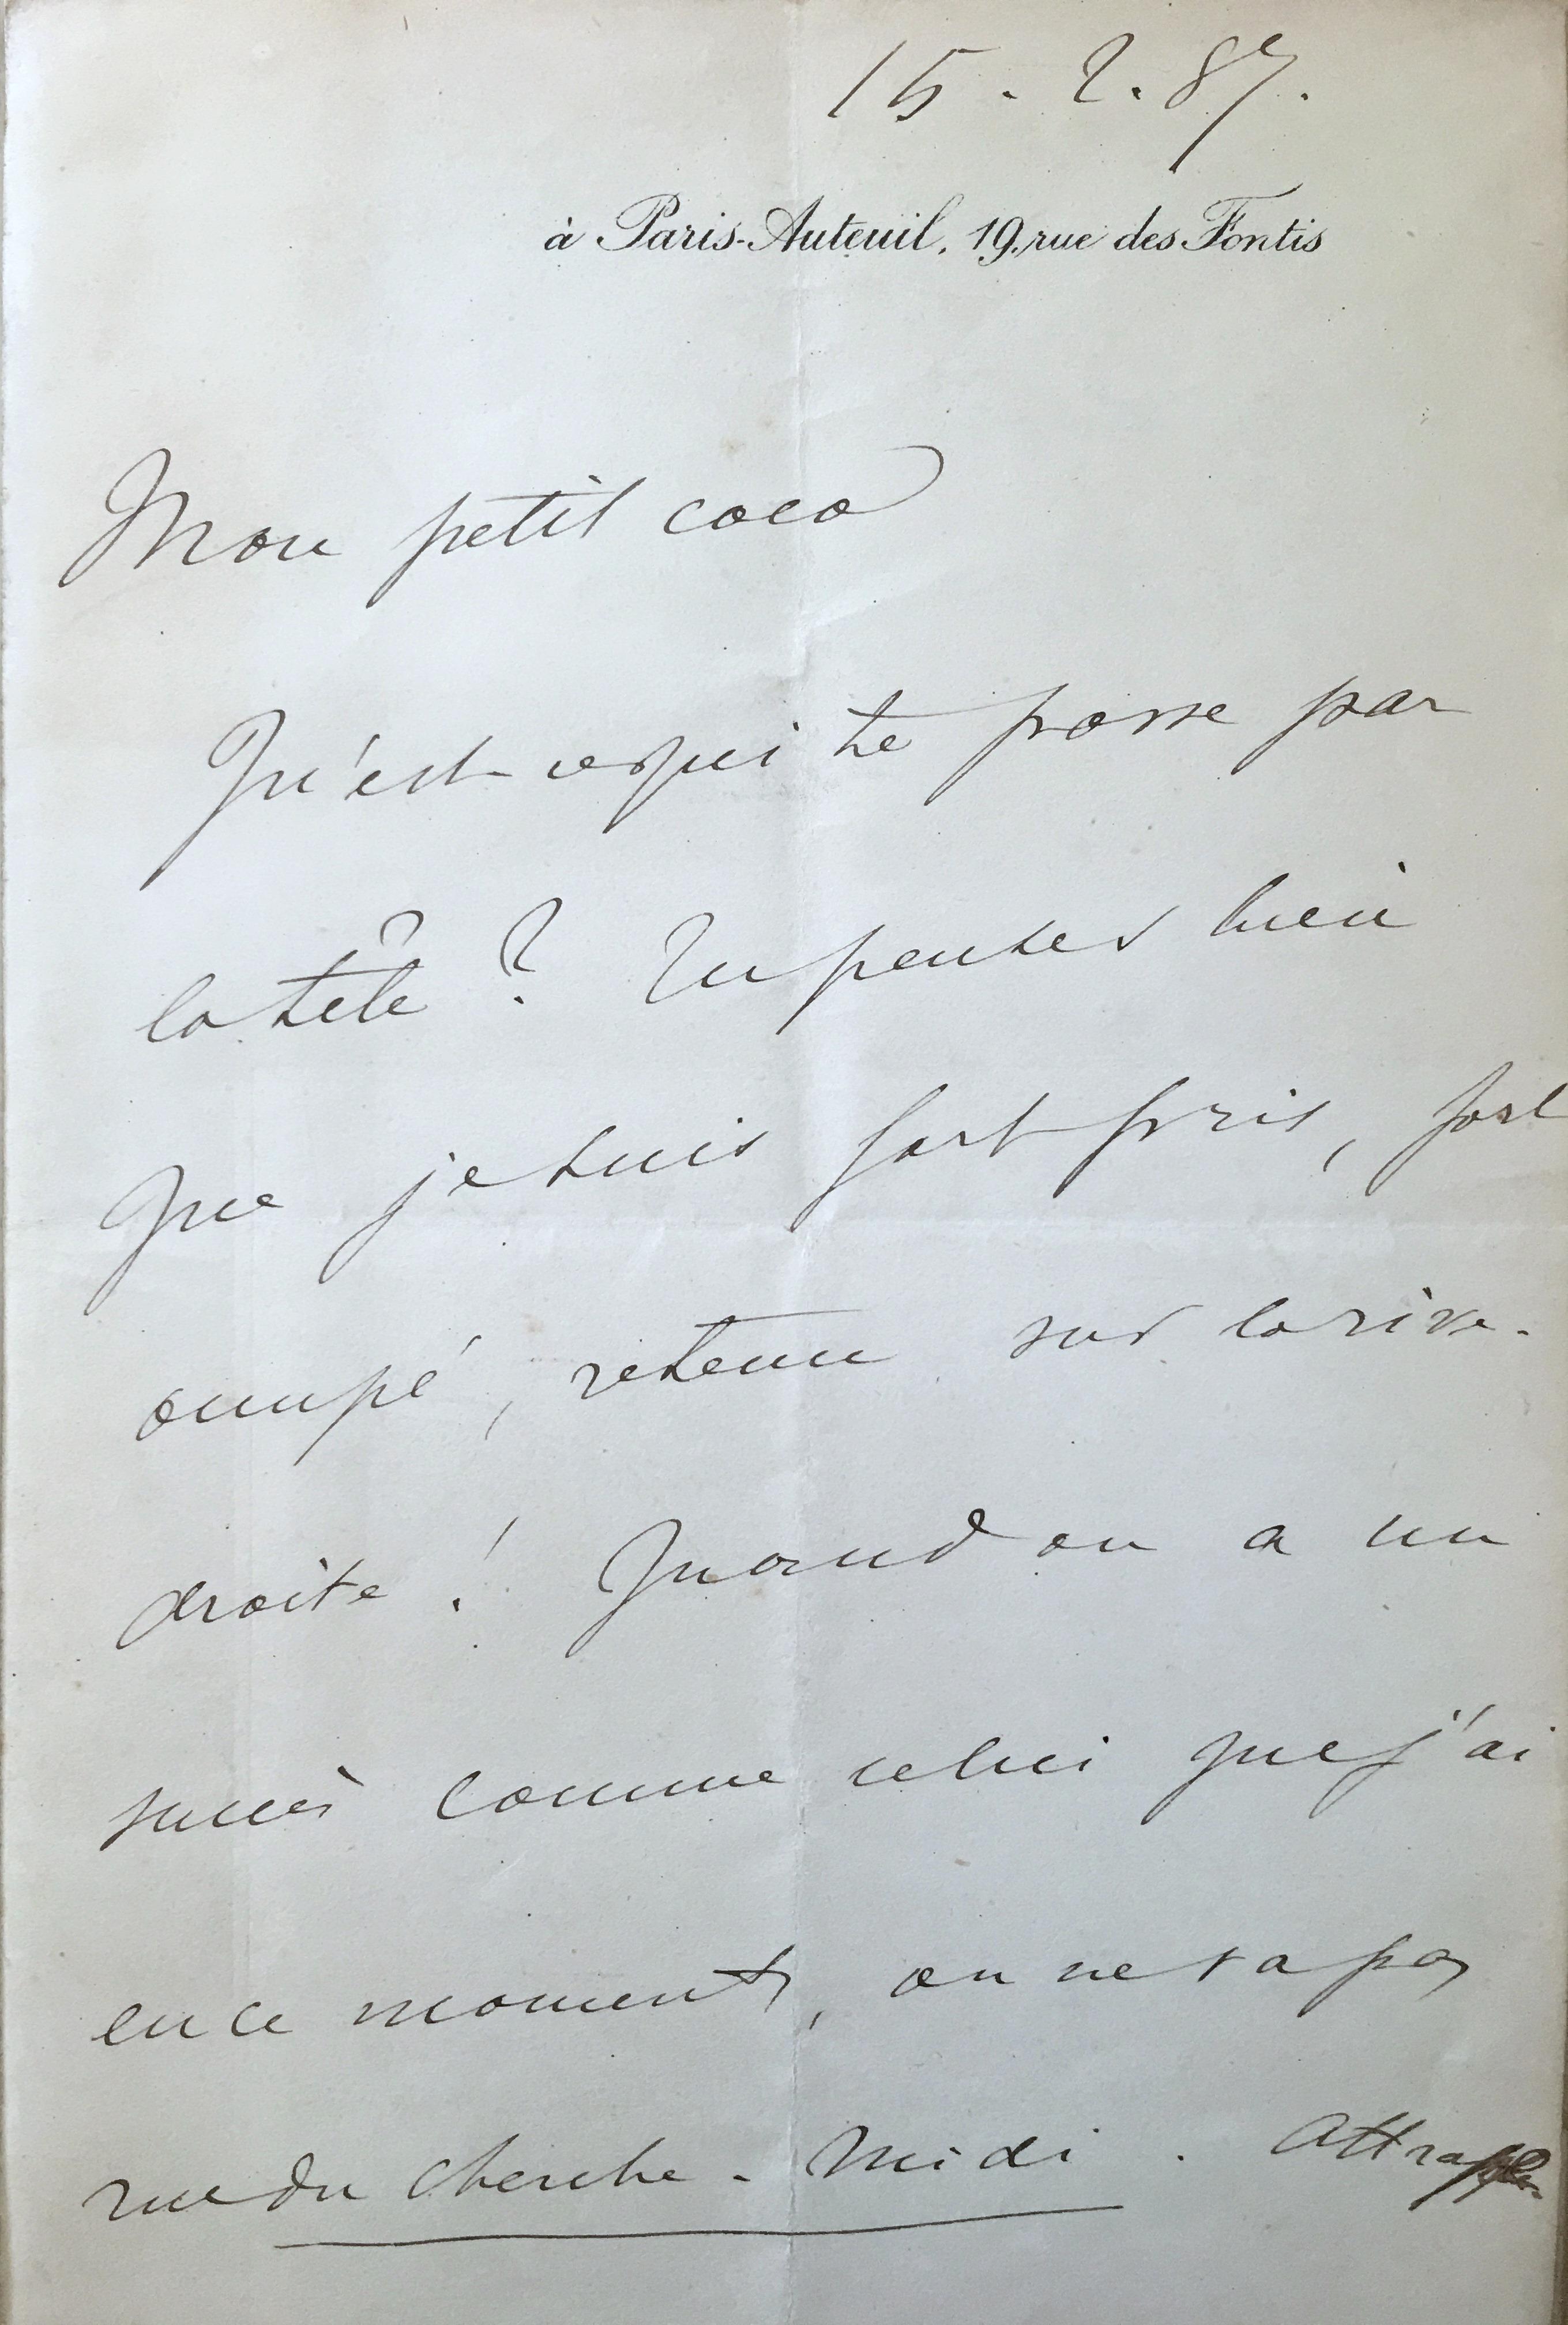 Lettre de Jacques-Emile Blanche à Ary Renan, 15 février 1887